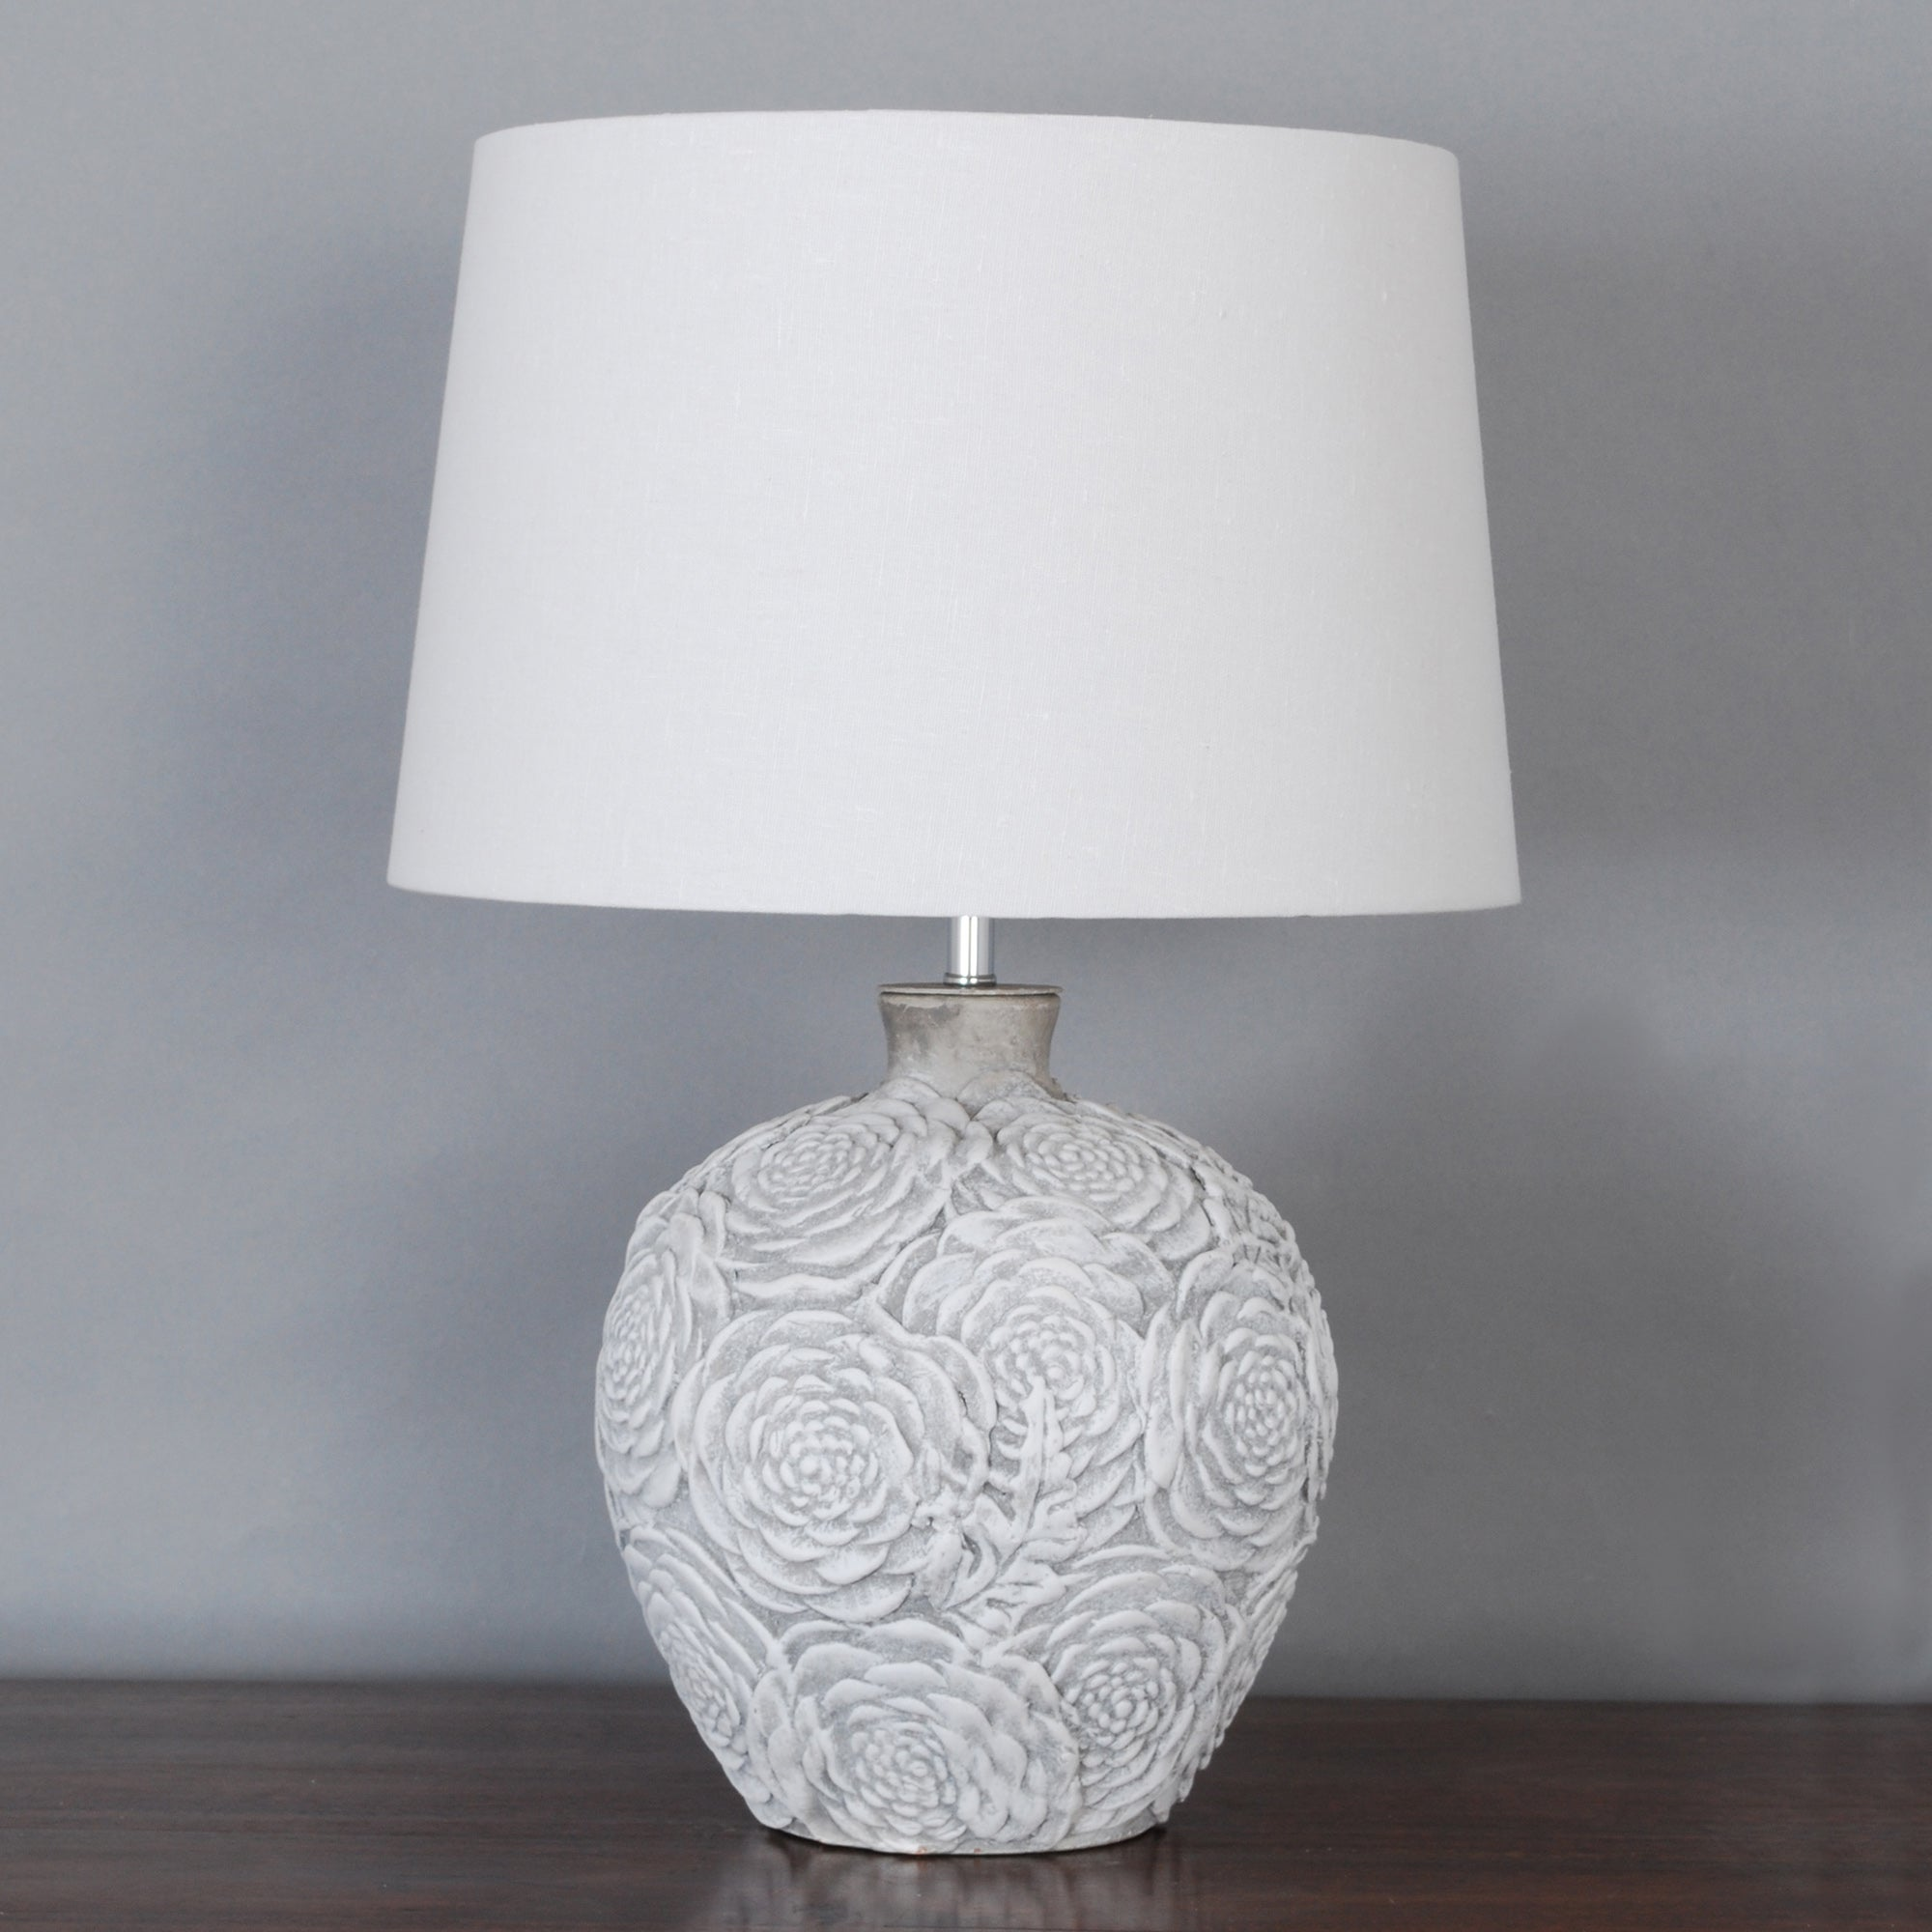 madrid stamped urn table lamp. Black Bedroom Furniture Sets. Home Design Ideas